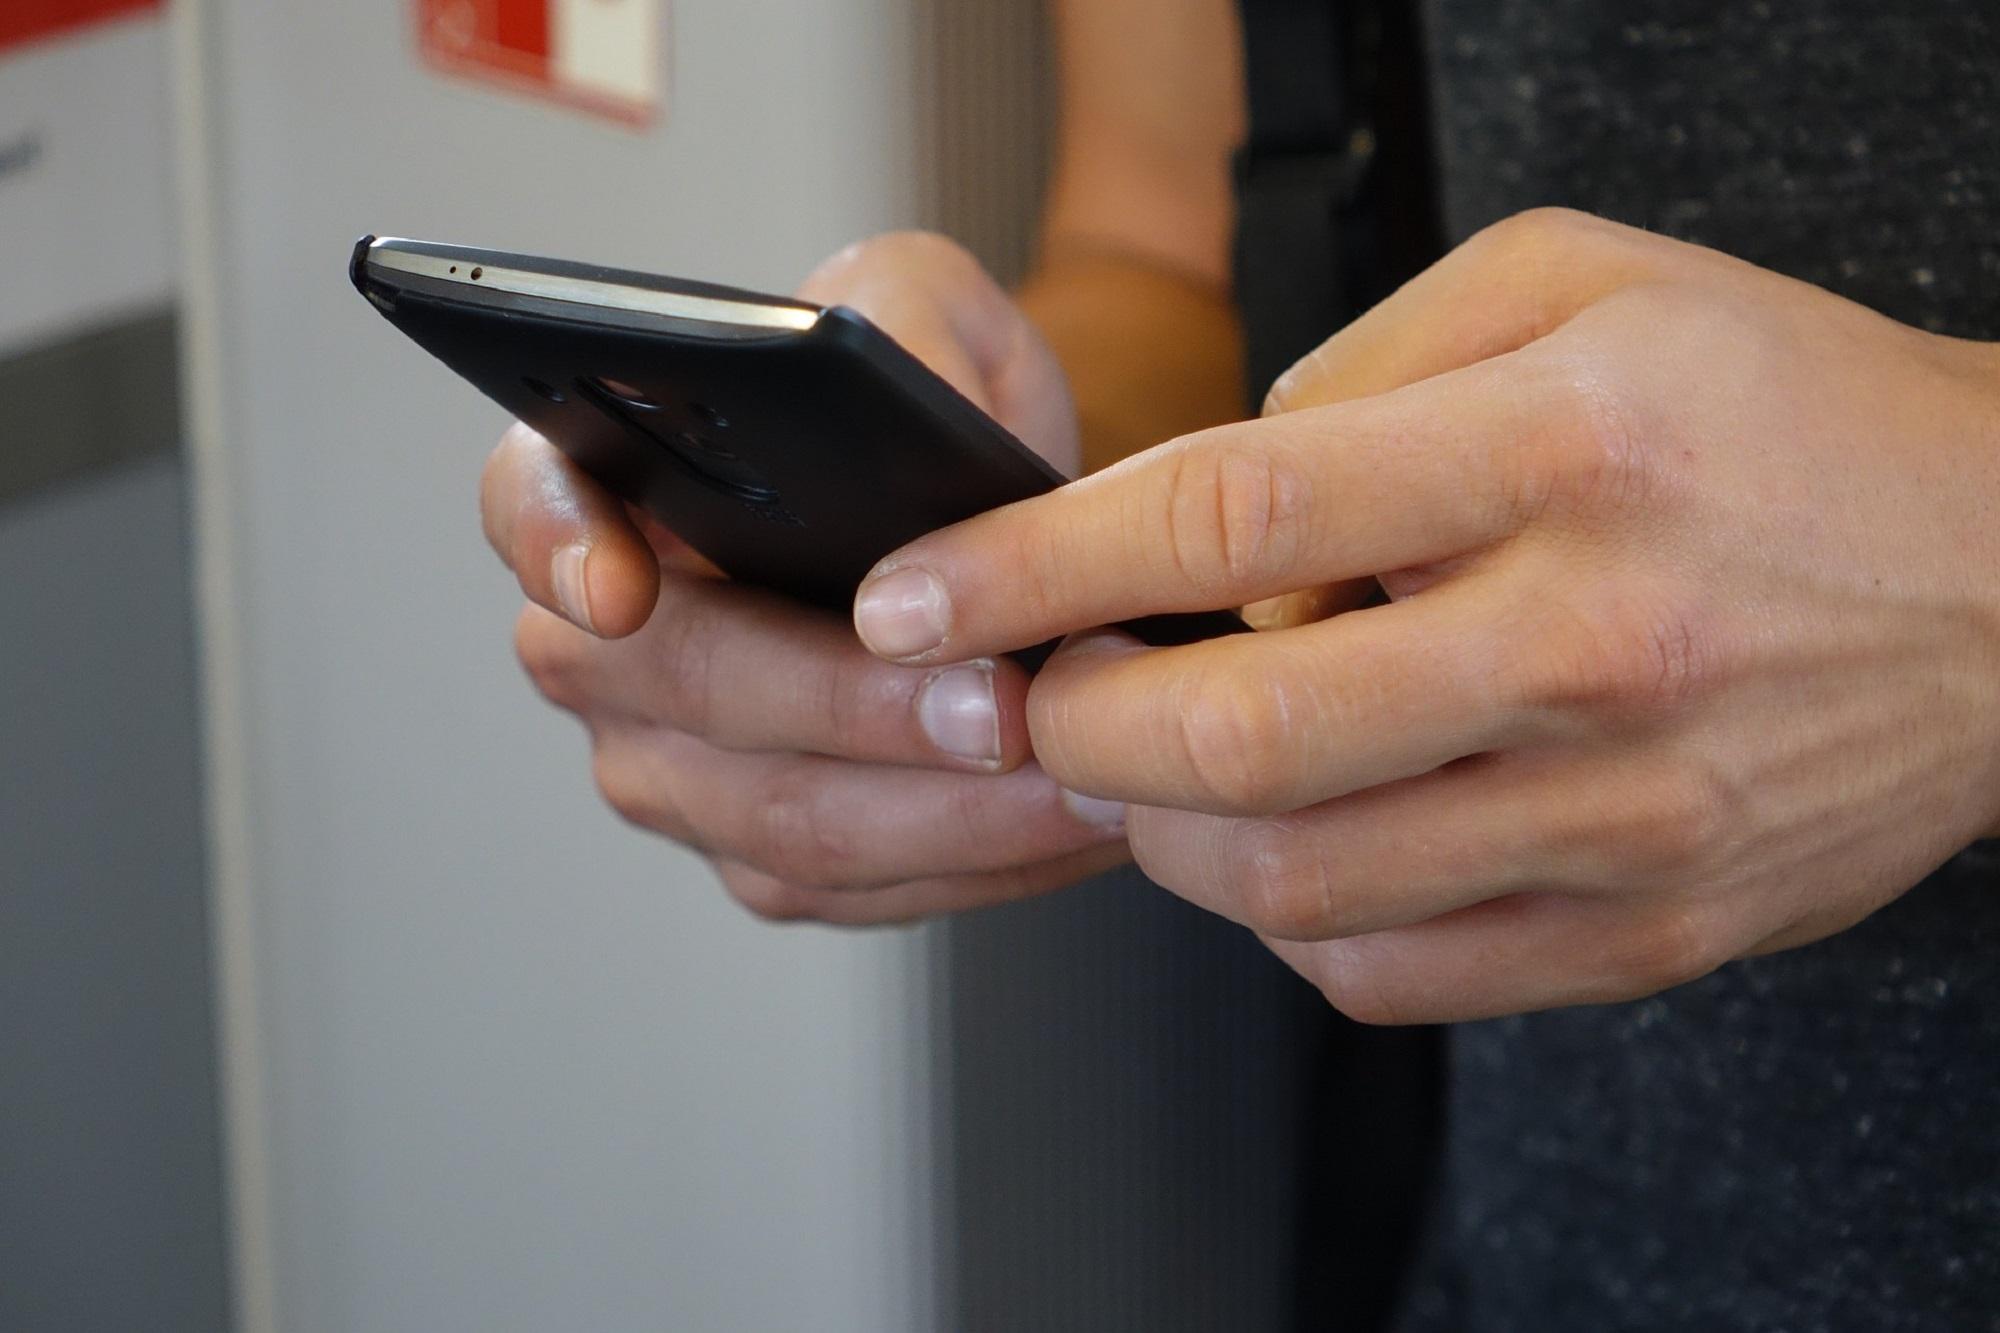 Πανελλαδικές: Στις 9 Ιουλίου οι βαθμοί – Οι υποψήφιοι θα λάβουν sms (video)